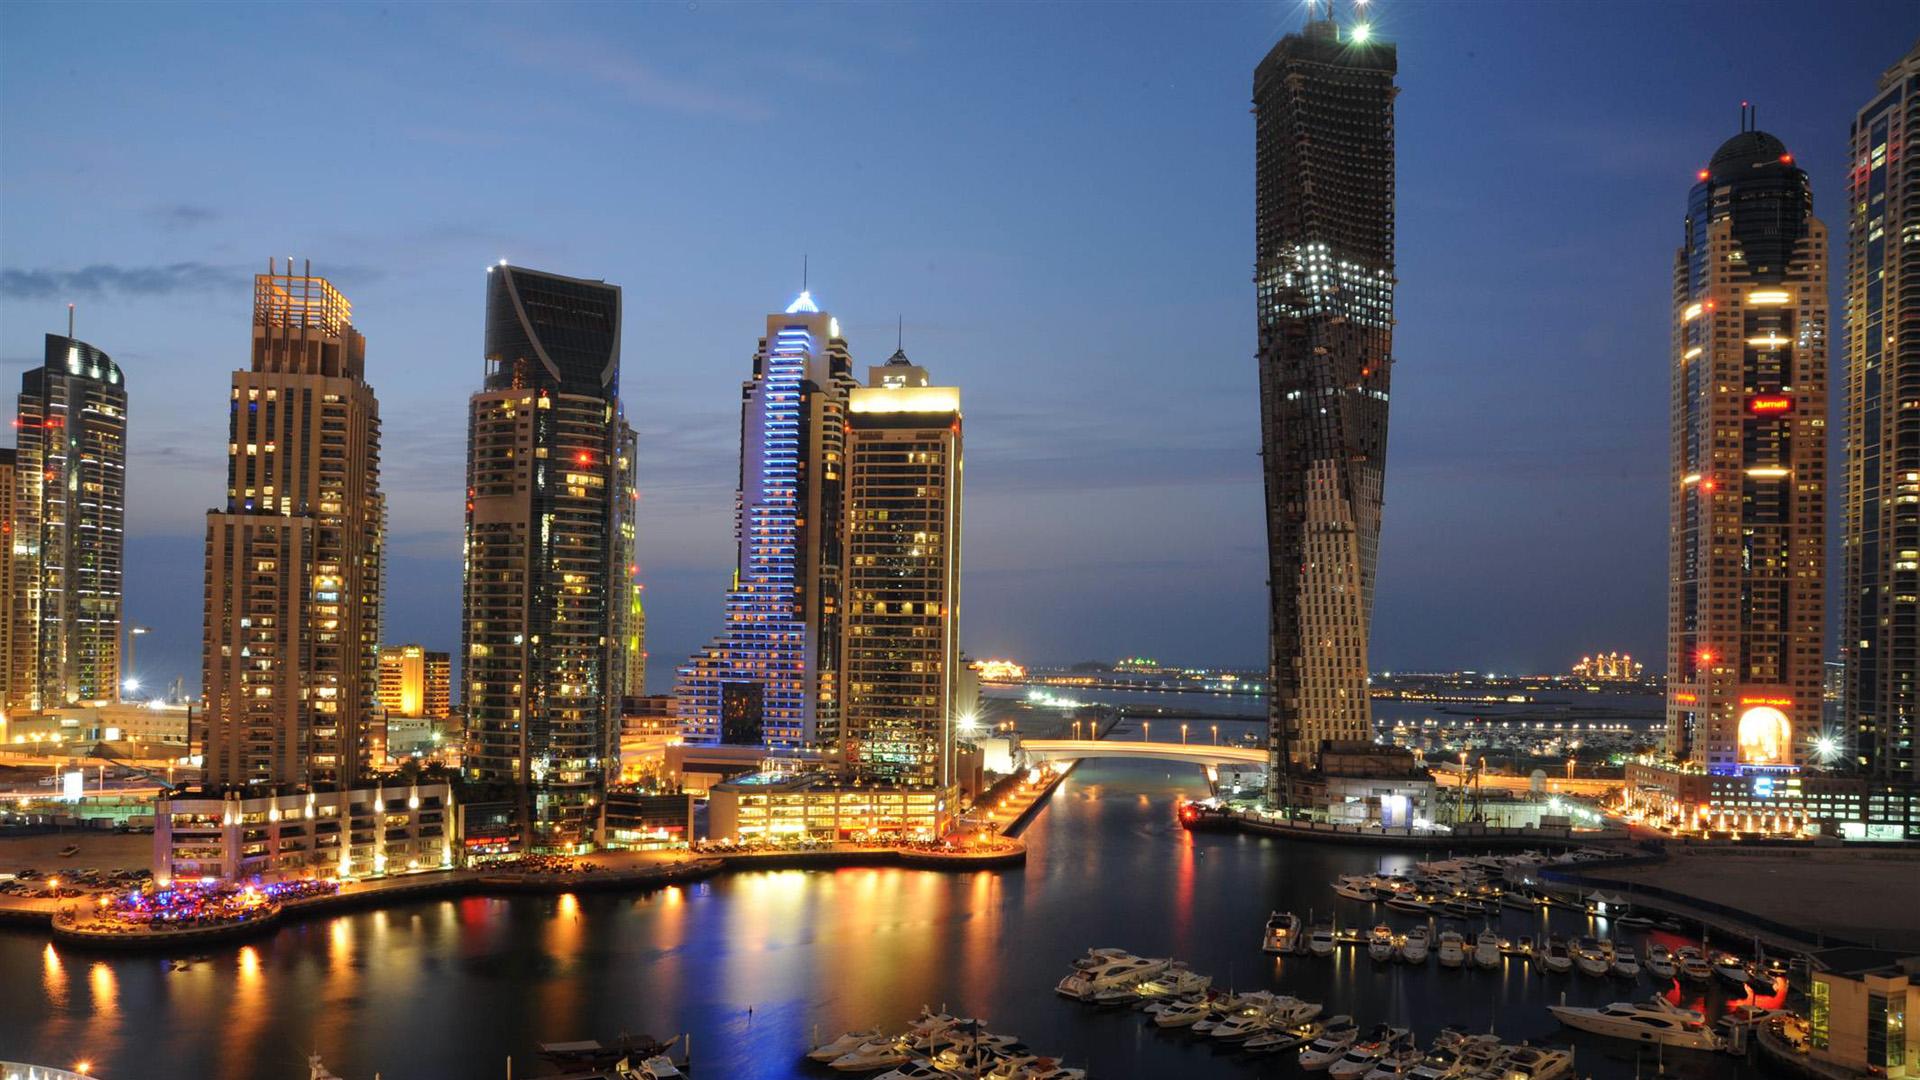 Group Of Dubai Night Skyline Wallpaper